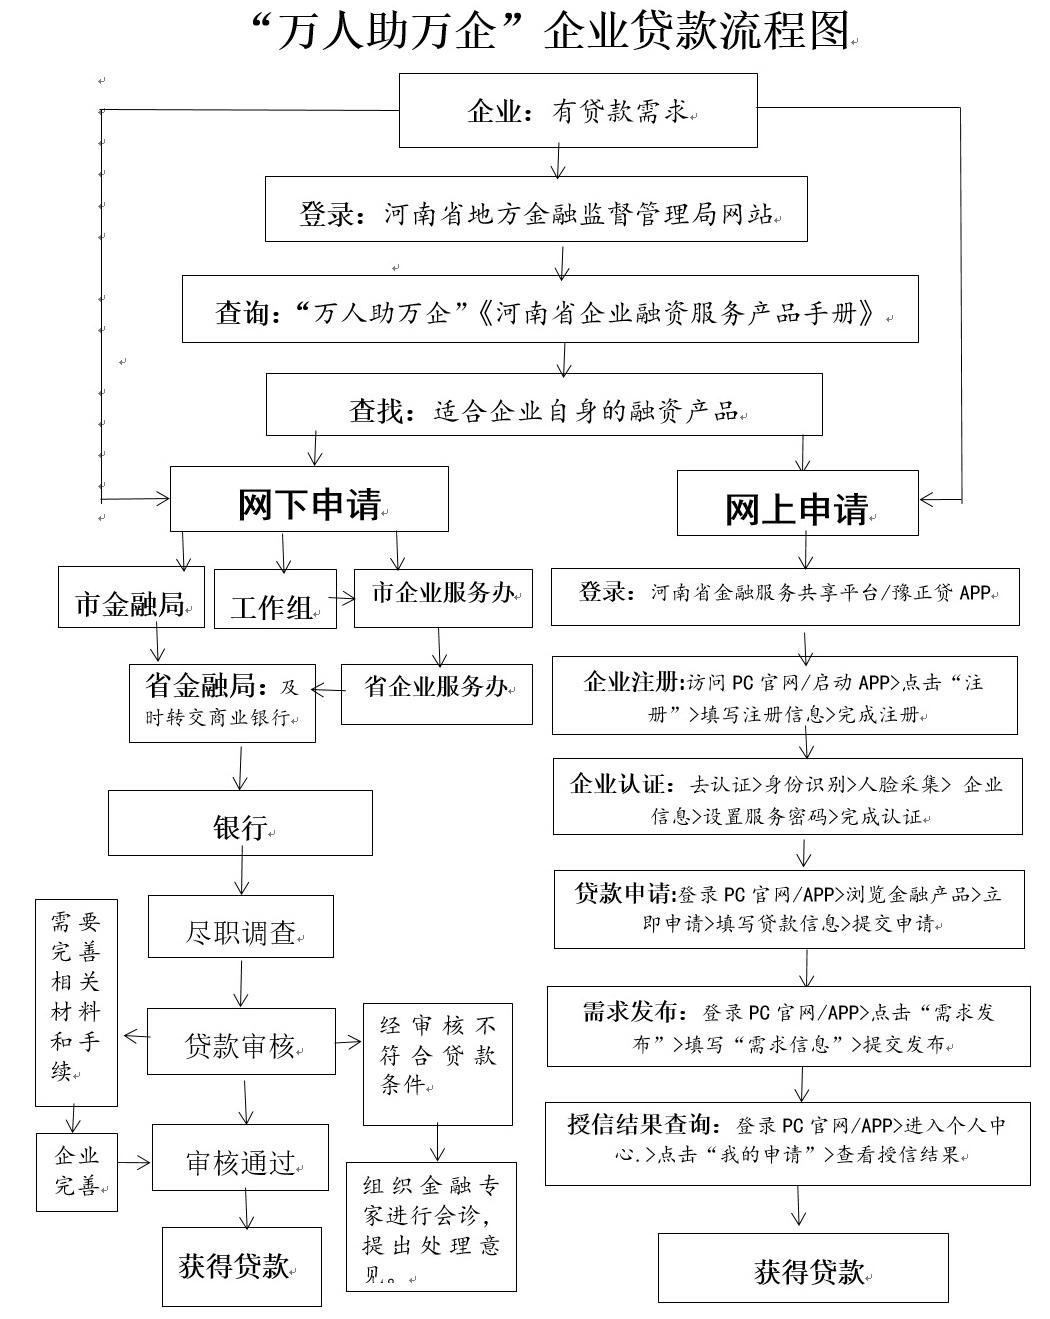 万人助万企:《河南省企业融资服务产品手册》《民营和小微企业金融支持政策汇编》